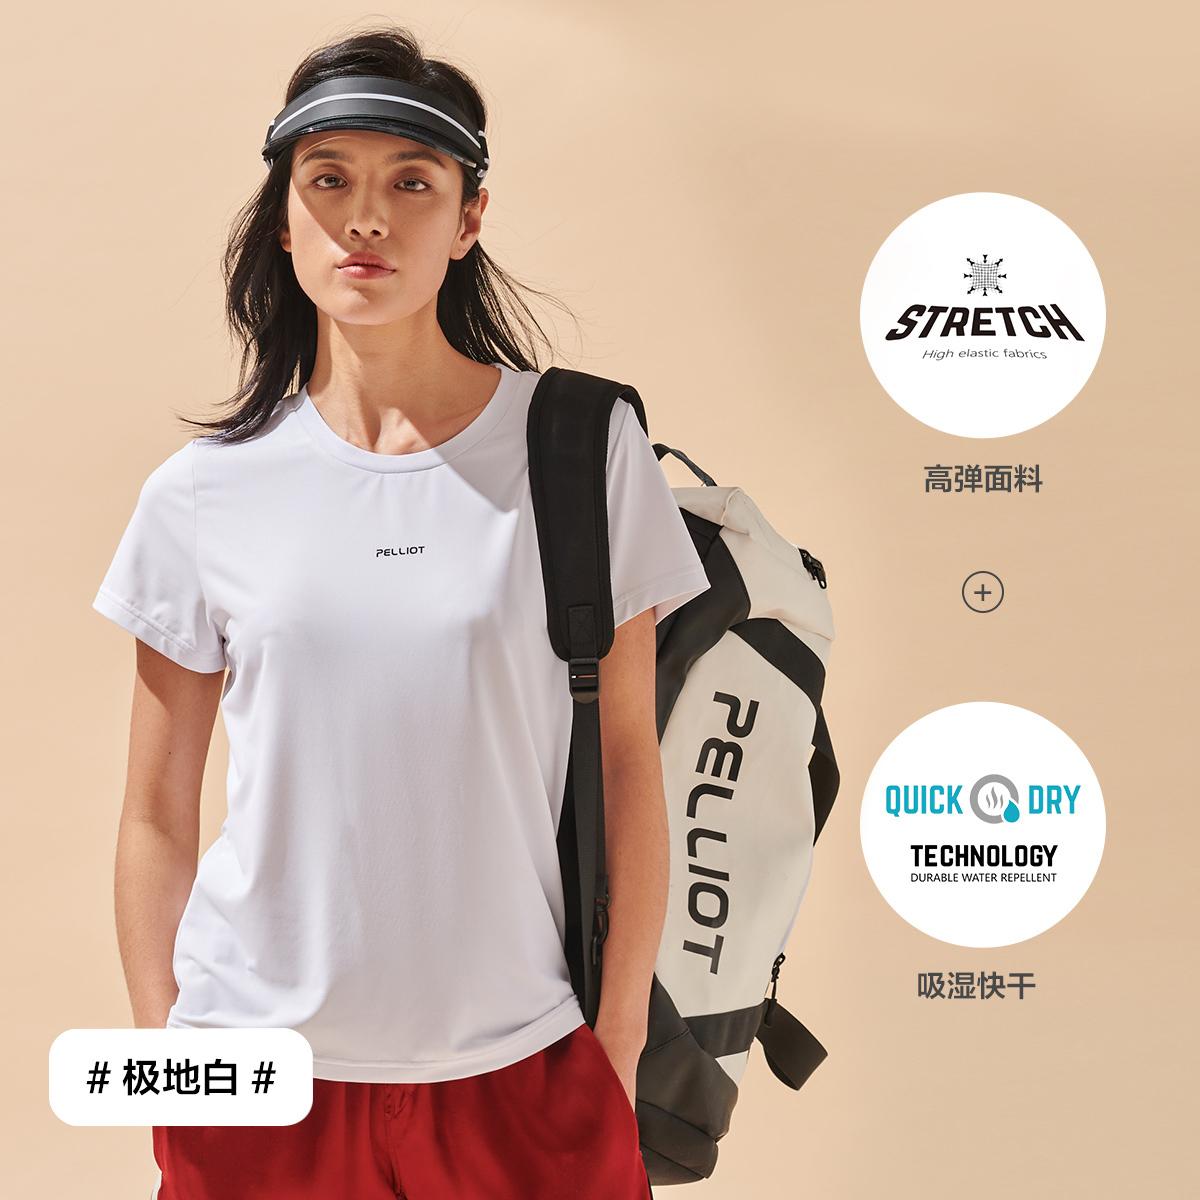 Pelliot 伯希和 运动速干短袖T恤*2件 双重优惠折后¥71.8包邮(拍2件)男、女款多色可选